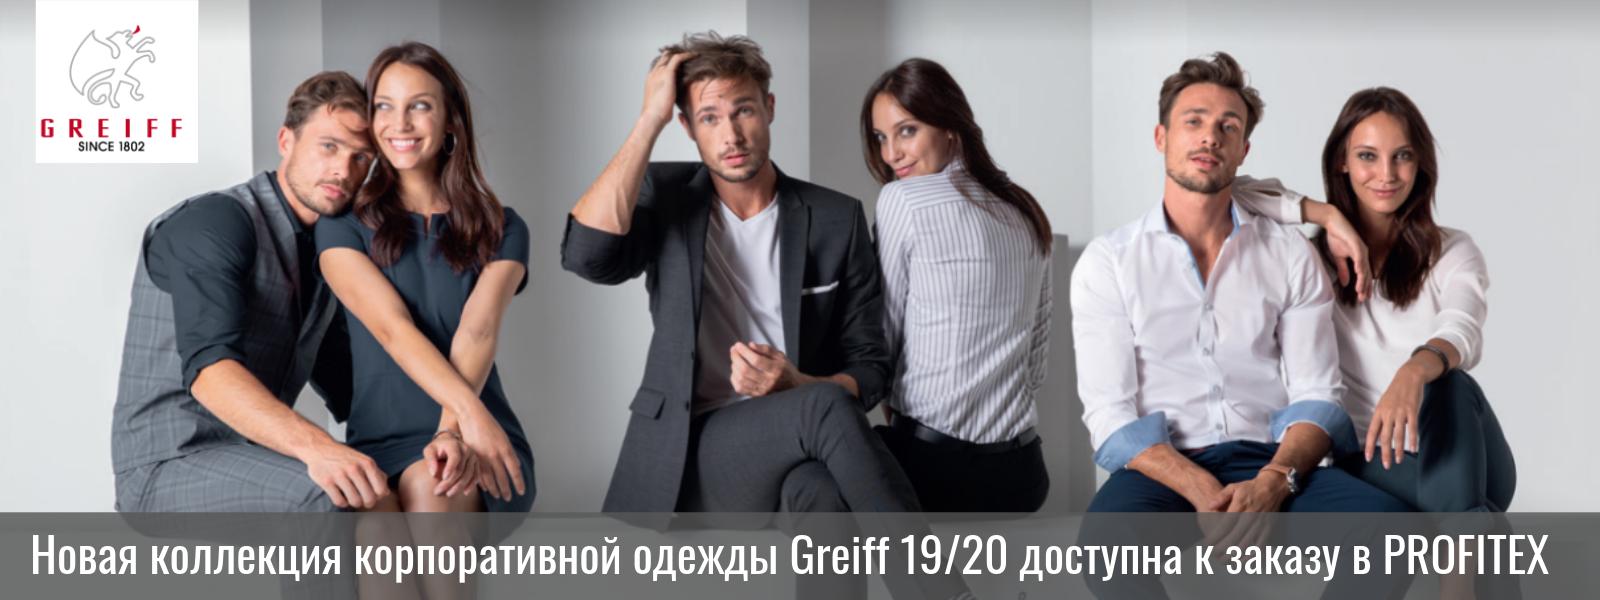 Новая_коллекция_корпоративной_одежды_Greif_доступна_к_заказу_в_PROFITEX